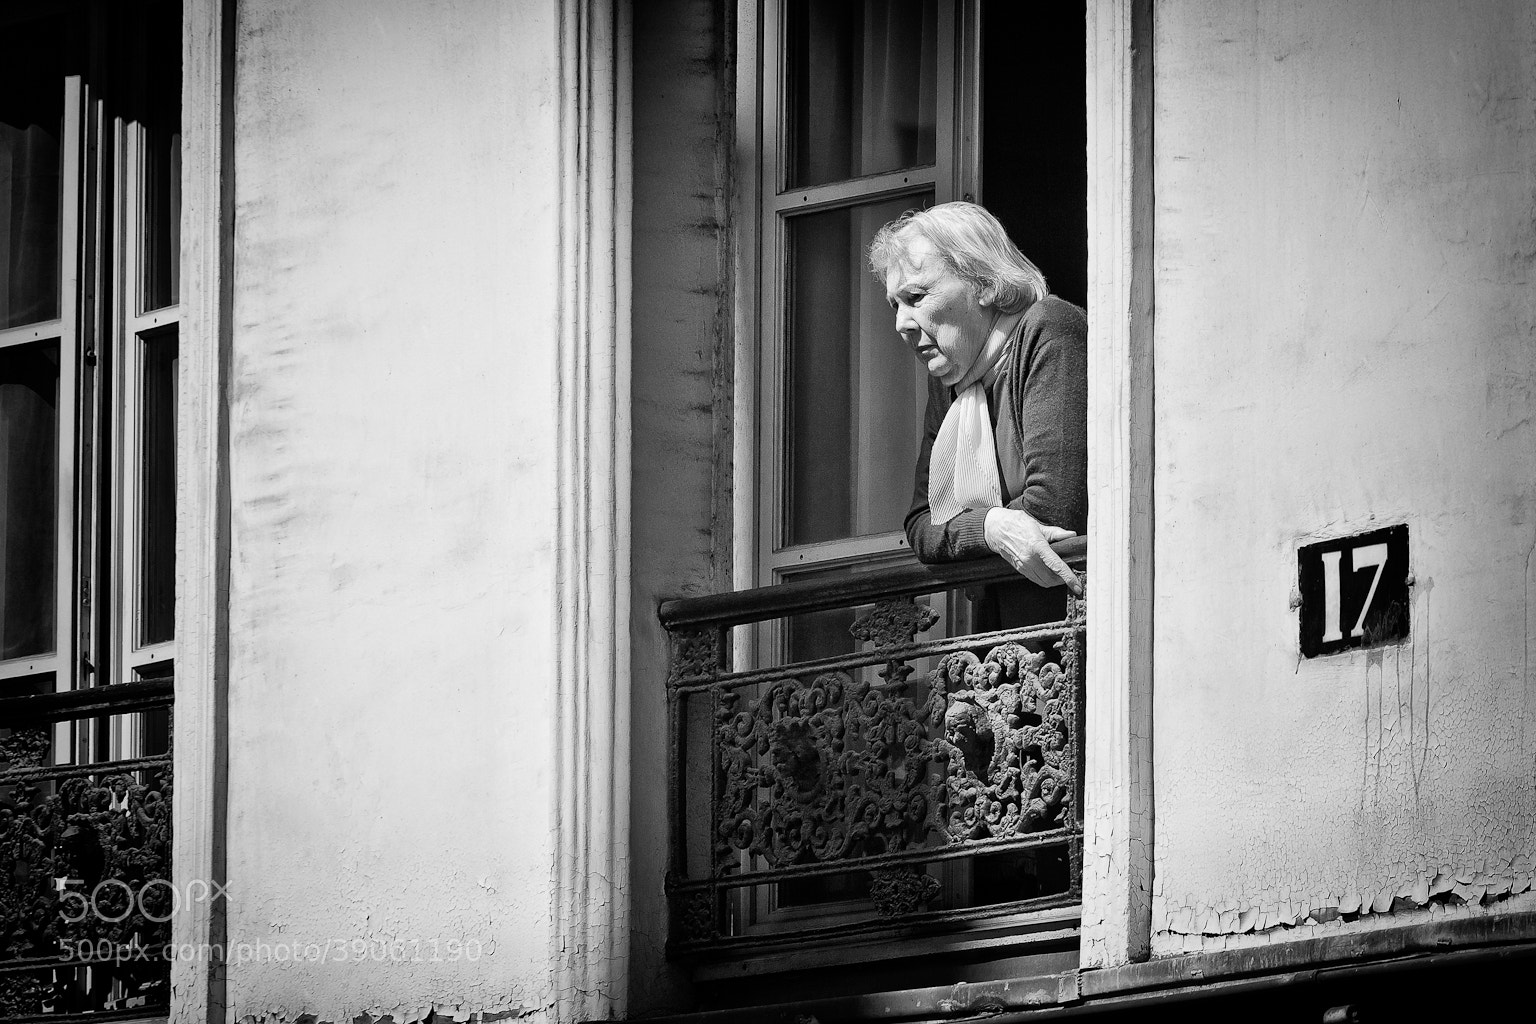 Photograph La fenêtre n°17 by patrick plazzi on 500px